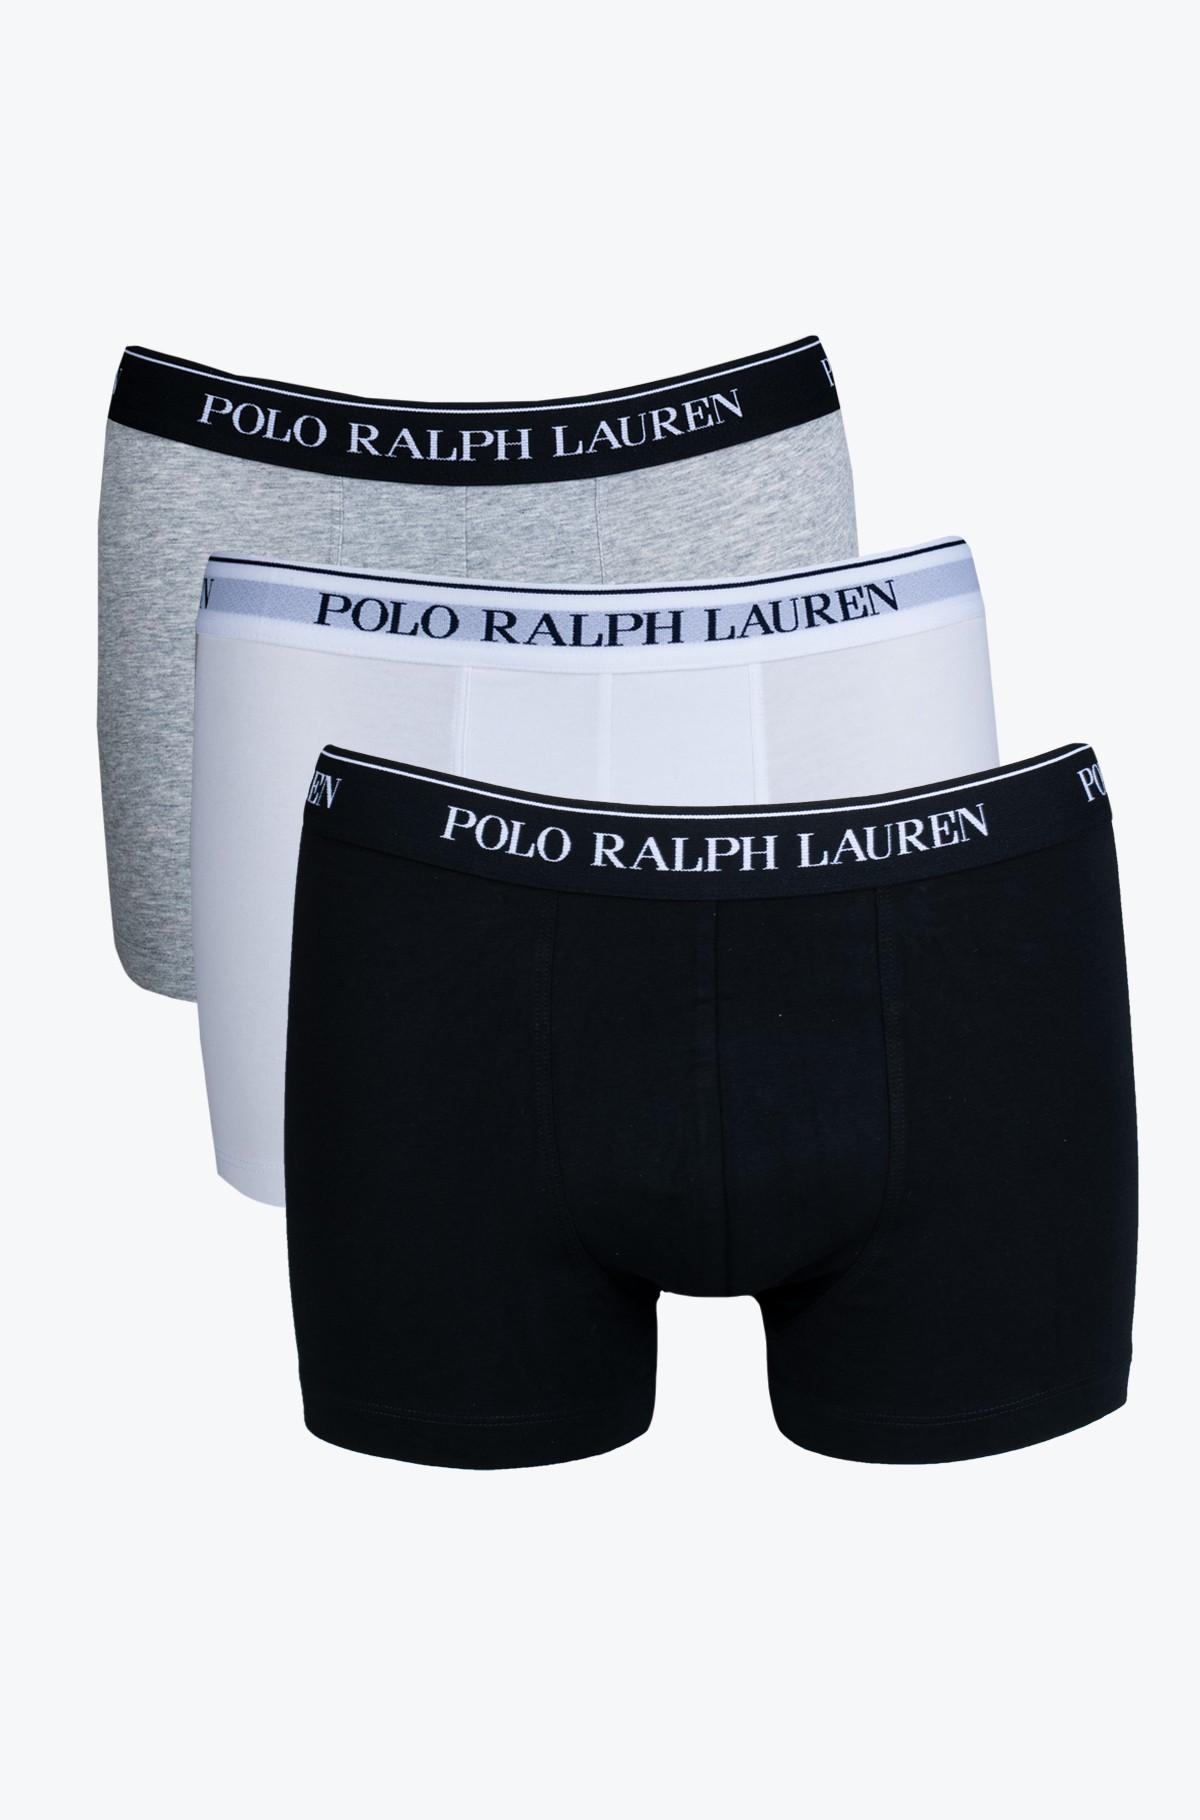 Three pairs of boxers 714513424003-full-1